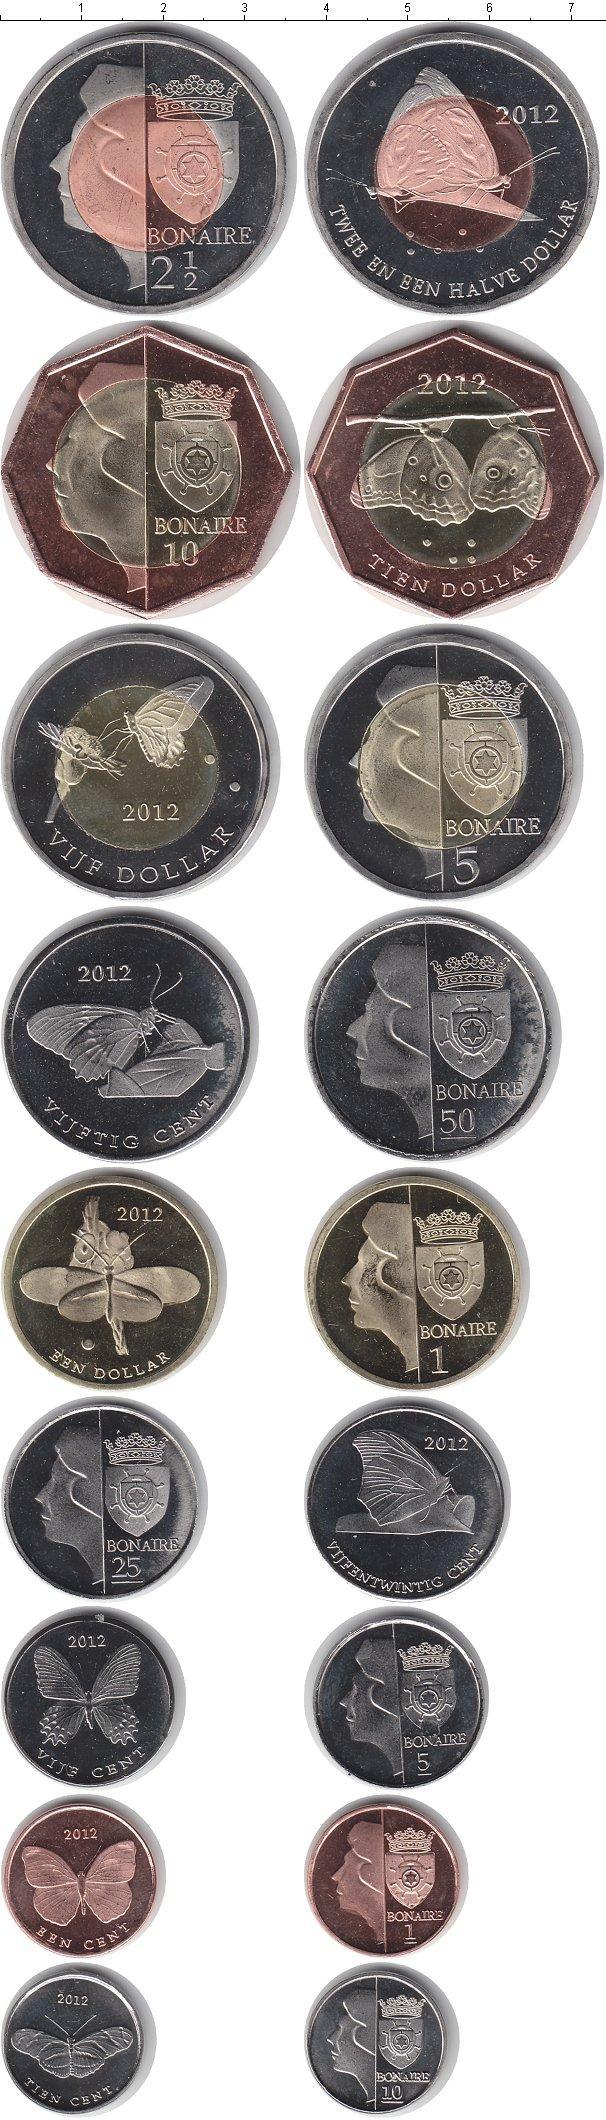 Каталог монет - Бонайре Бонайре 2012